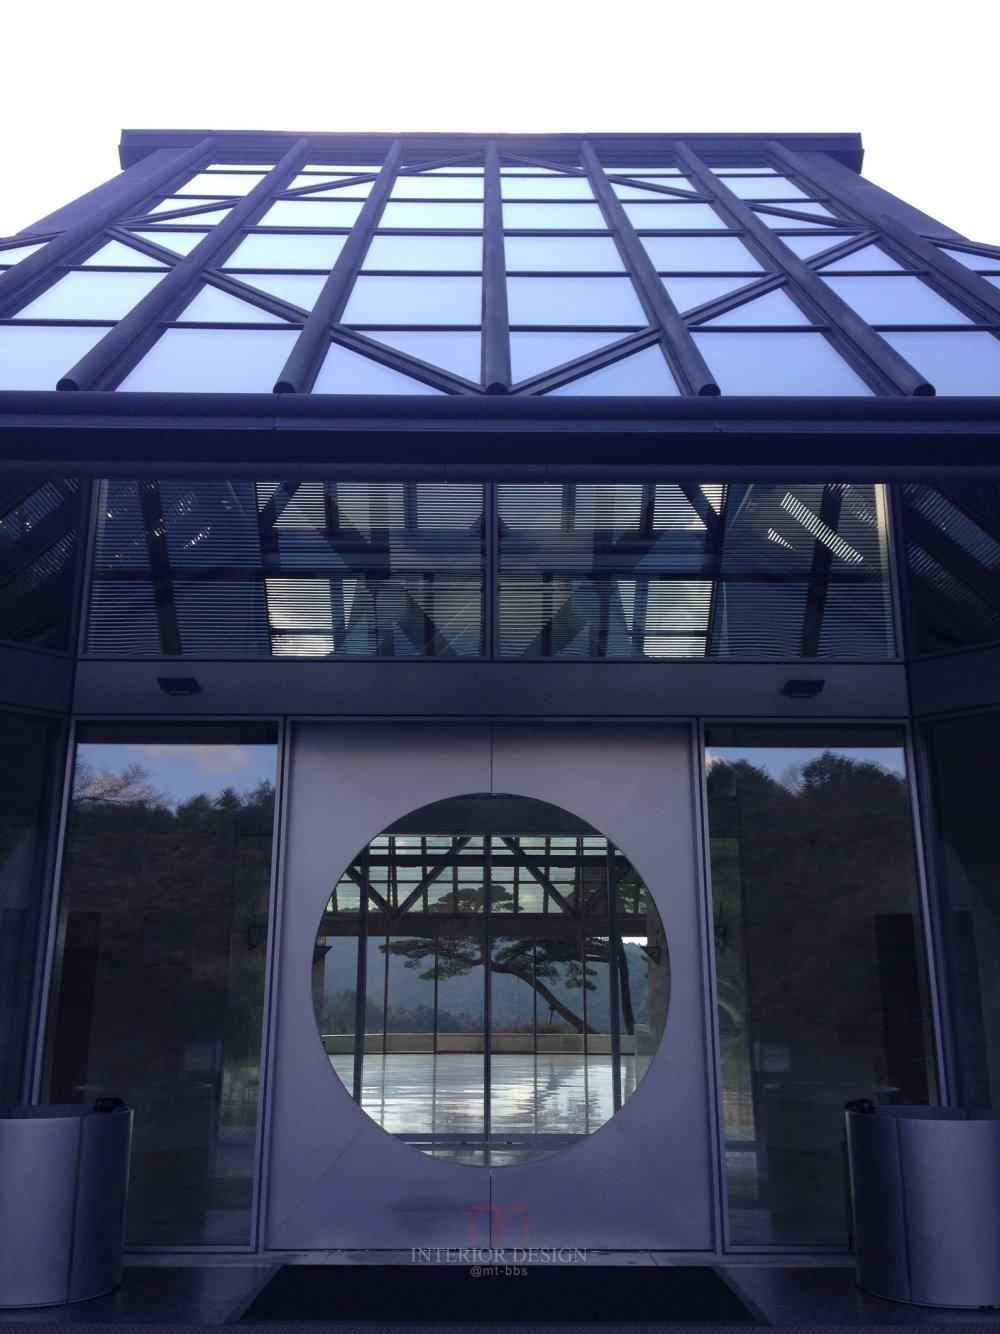 日本美秀美术馆MIHO MUSEUM自拍分享-贝聿铭_IMG_7226.JPG